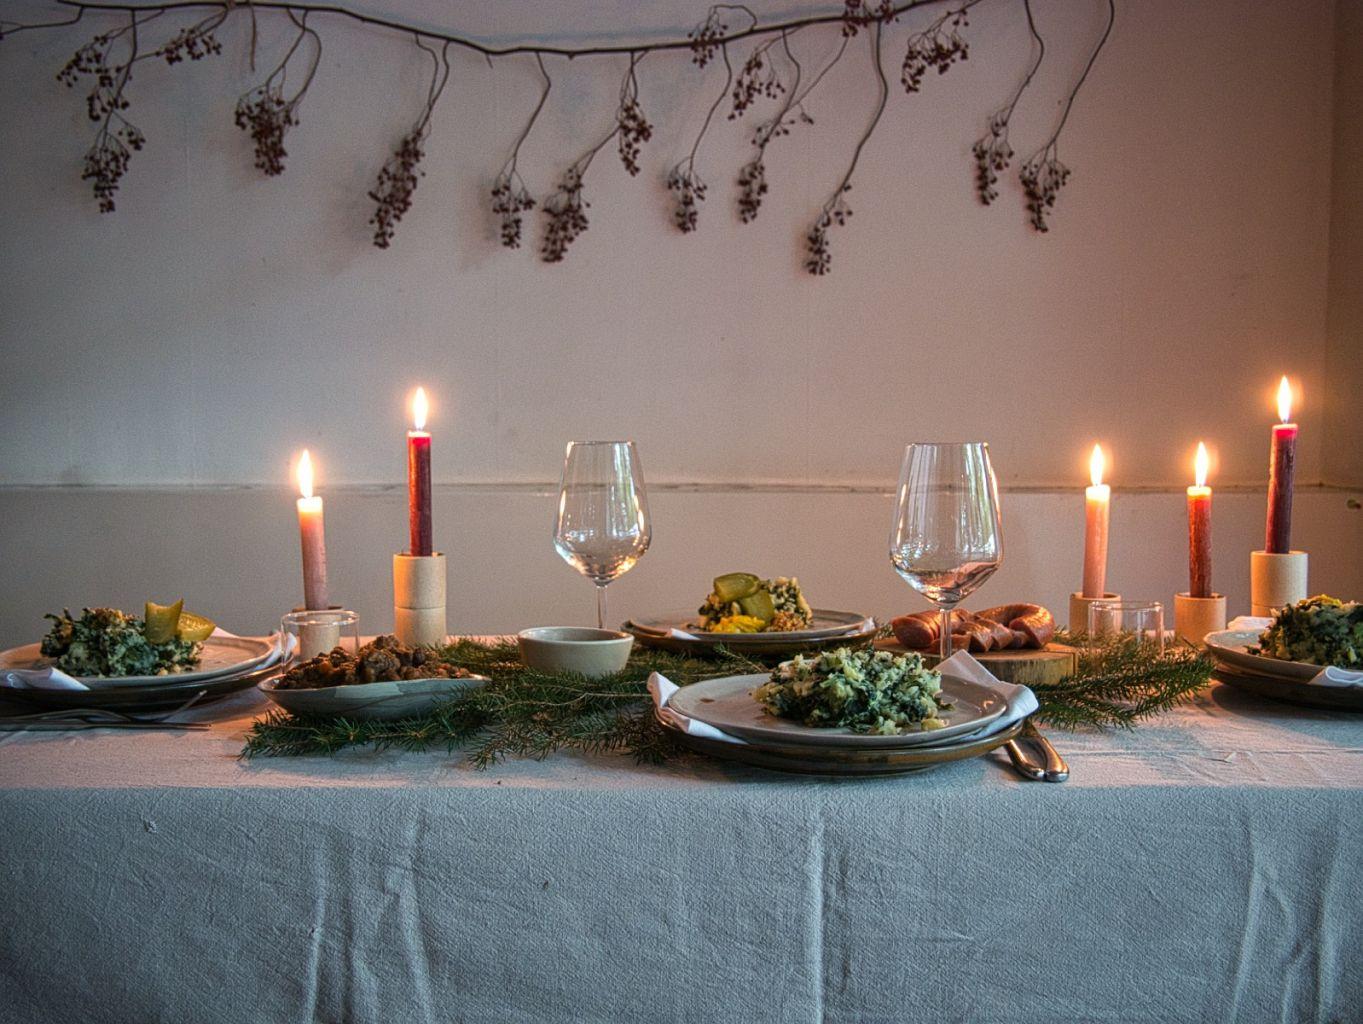 Vegetarische rollade - kerstdiner - STROOM x Oregional